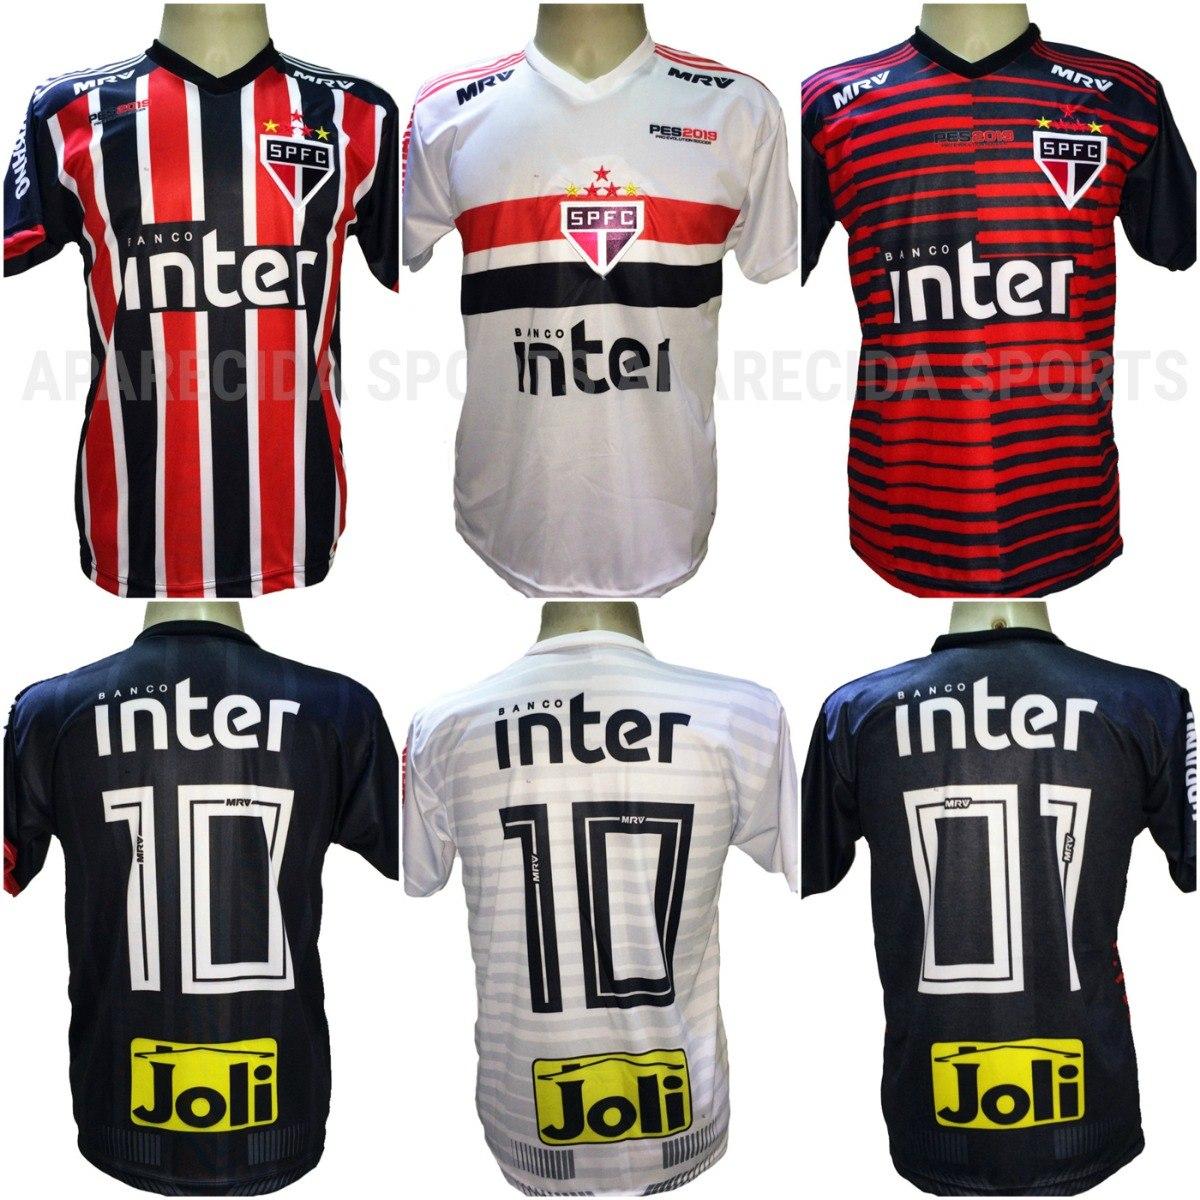 Camisa São Paulo Pague 2 Leve 3 Frete Grátis Segue O Líder - R  120 ... e4e497cdb20a0